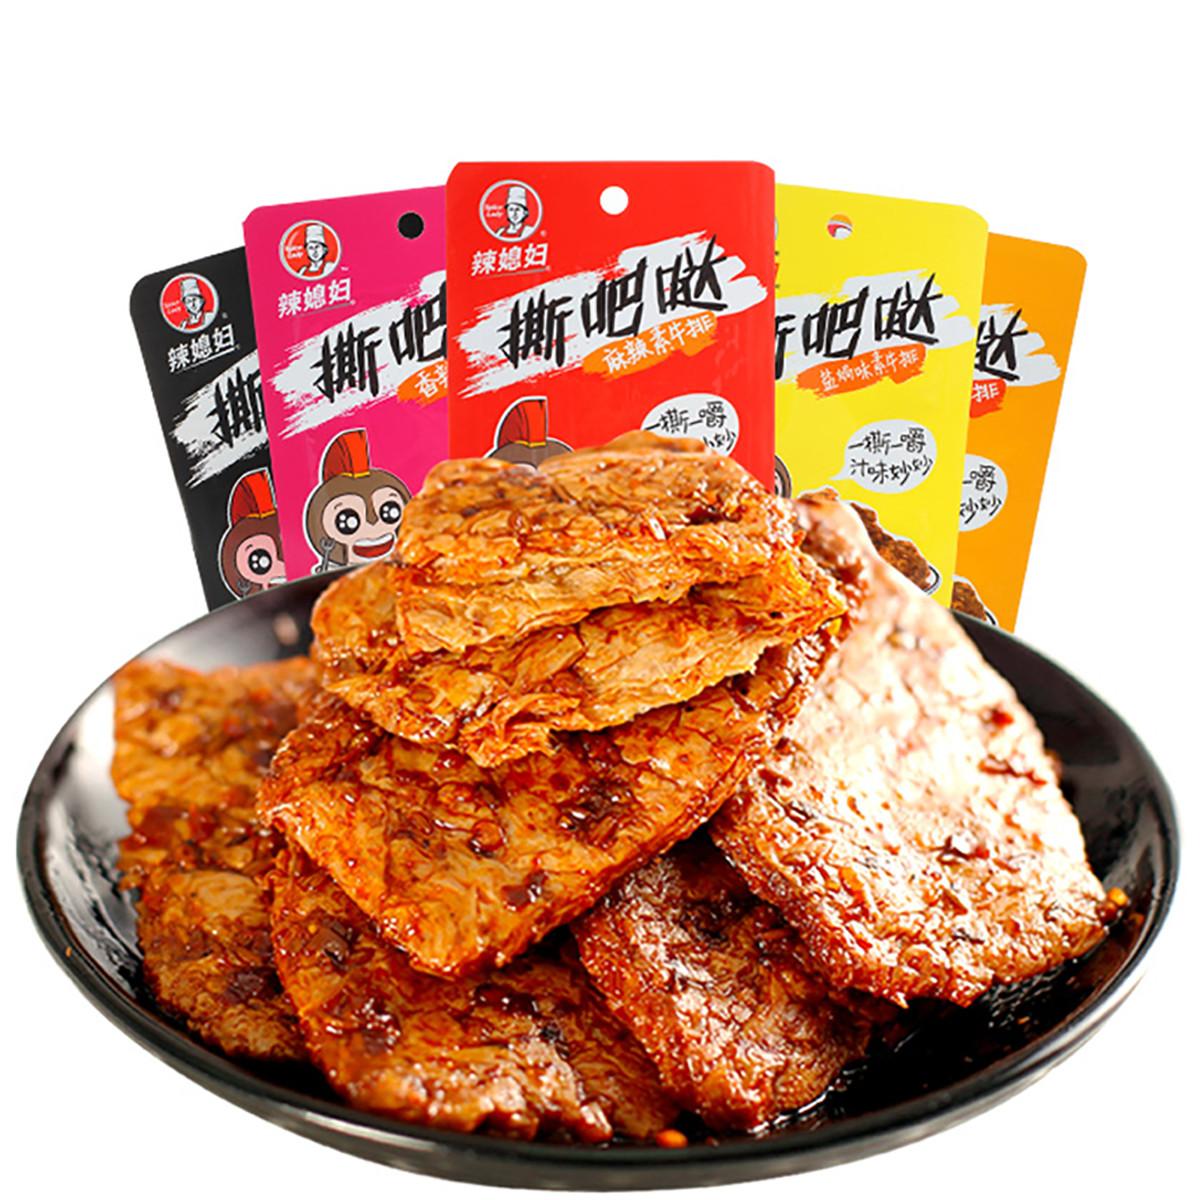 辣媳妇手撕素肉重庆豆干大刀肉辣条素牛排辣味宿舍零食600g一斤COLOR褐色